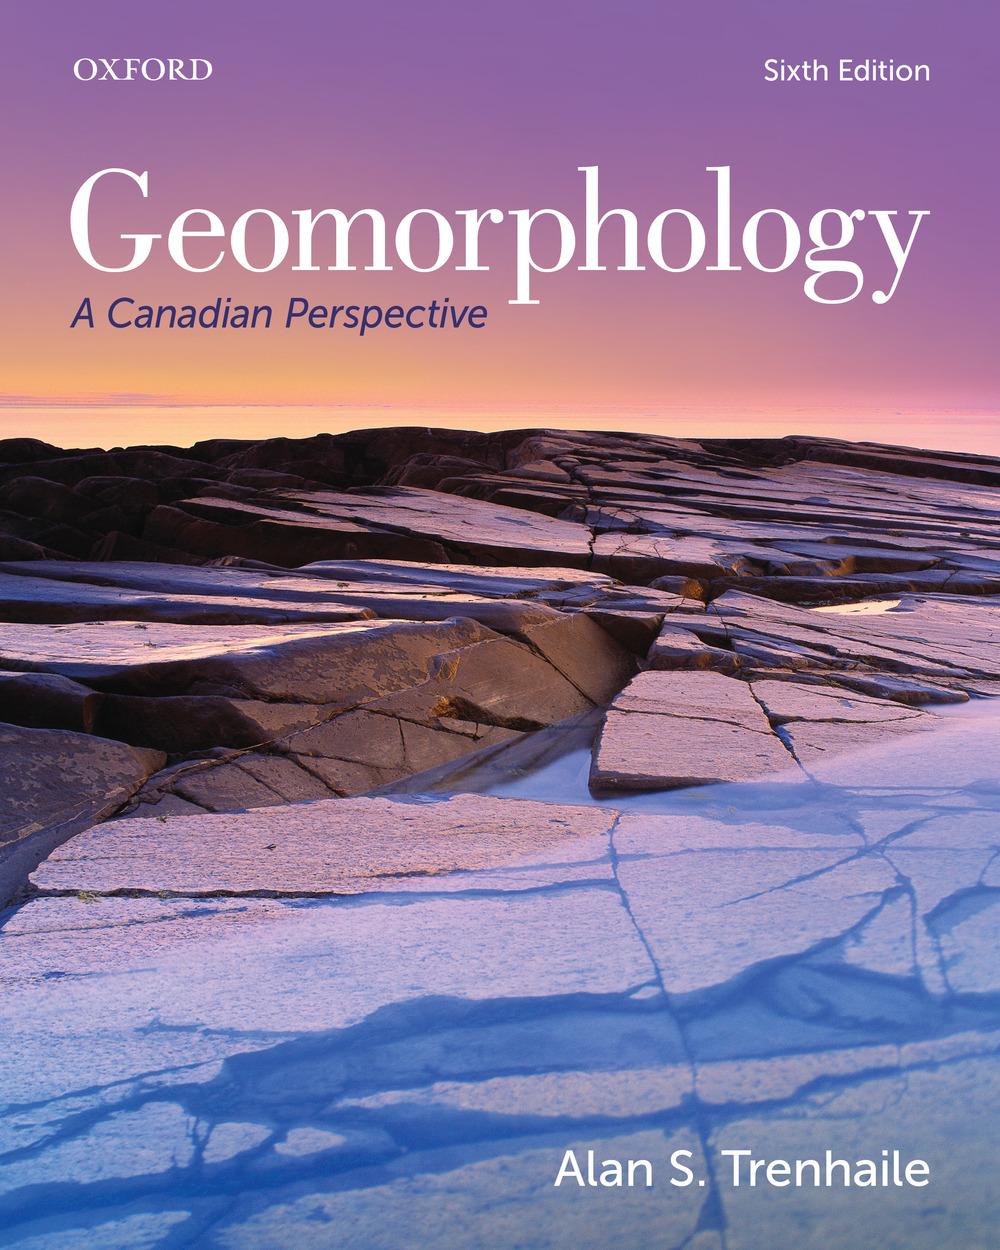 Trenhaile_Geomorphology6e_Cov_FNL.jpg